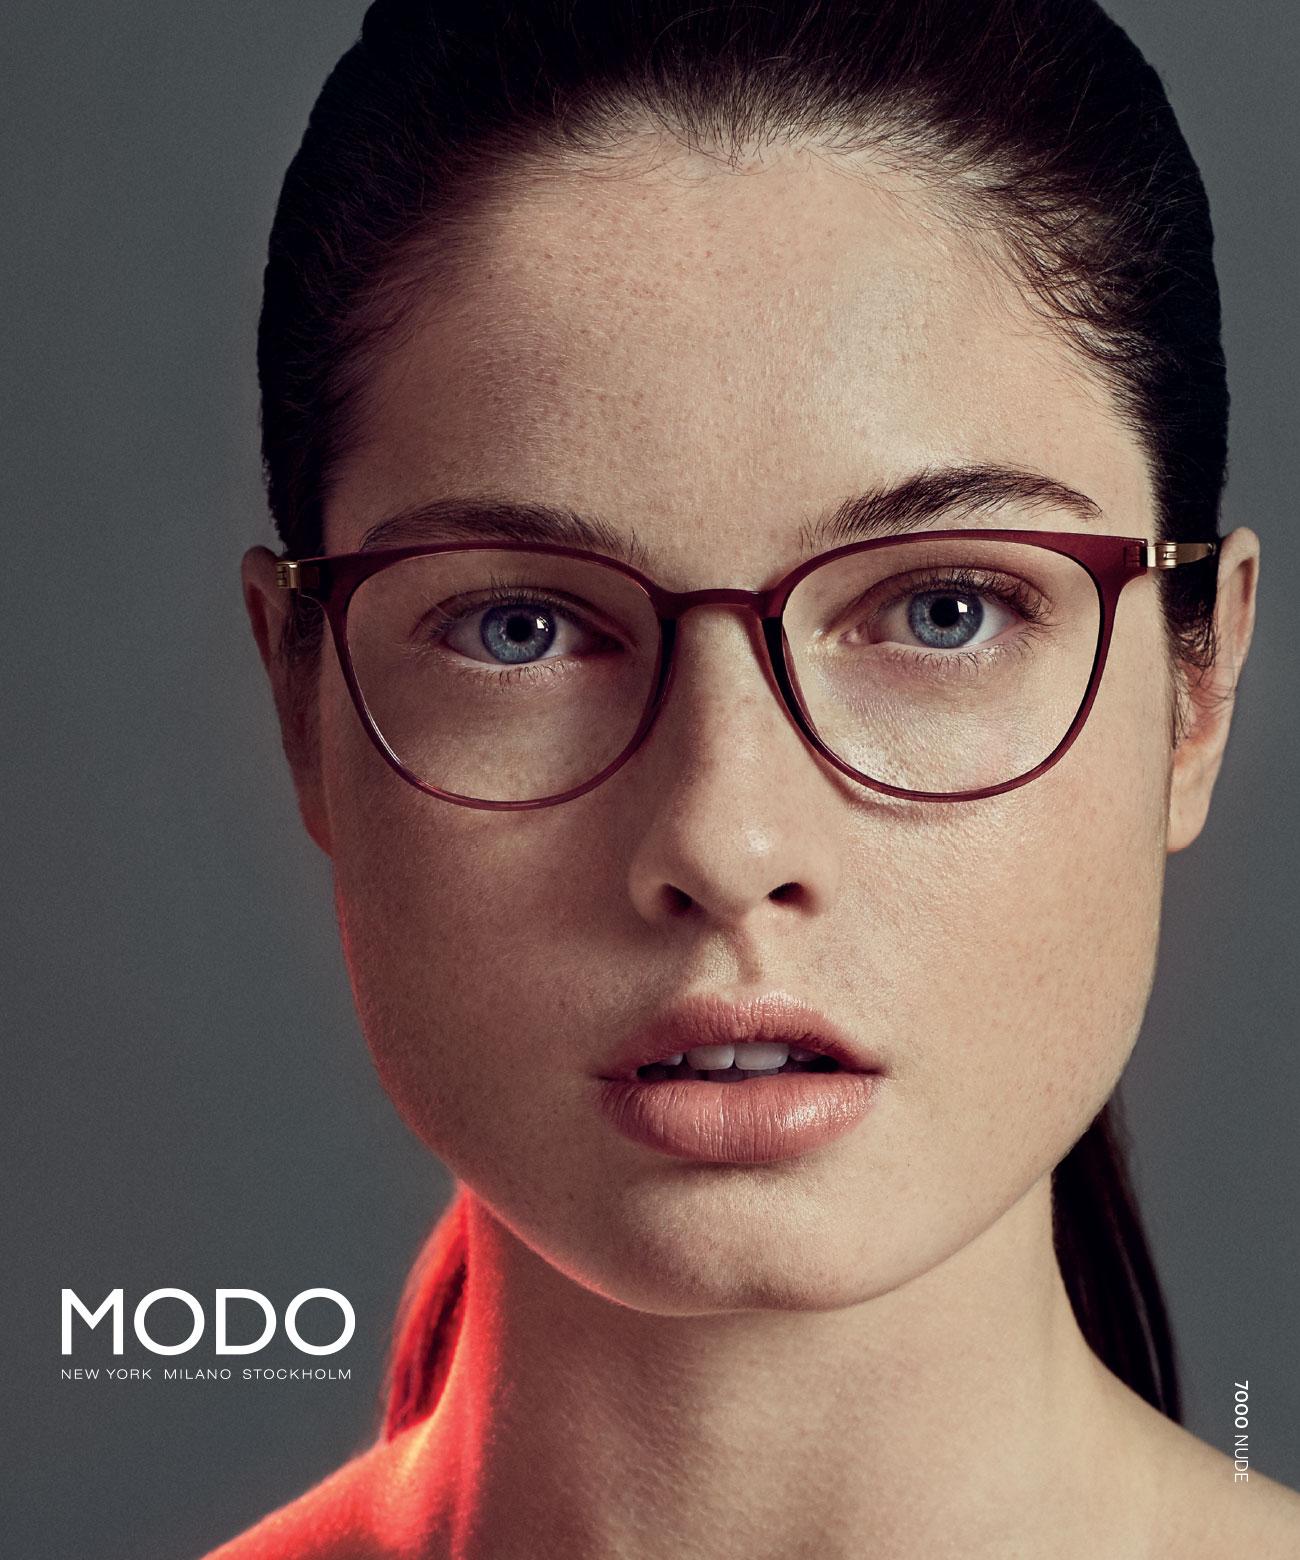 MODO präsentiert die neue Spring/Summer 2017 Kollektion